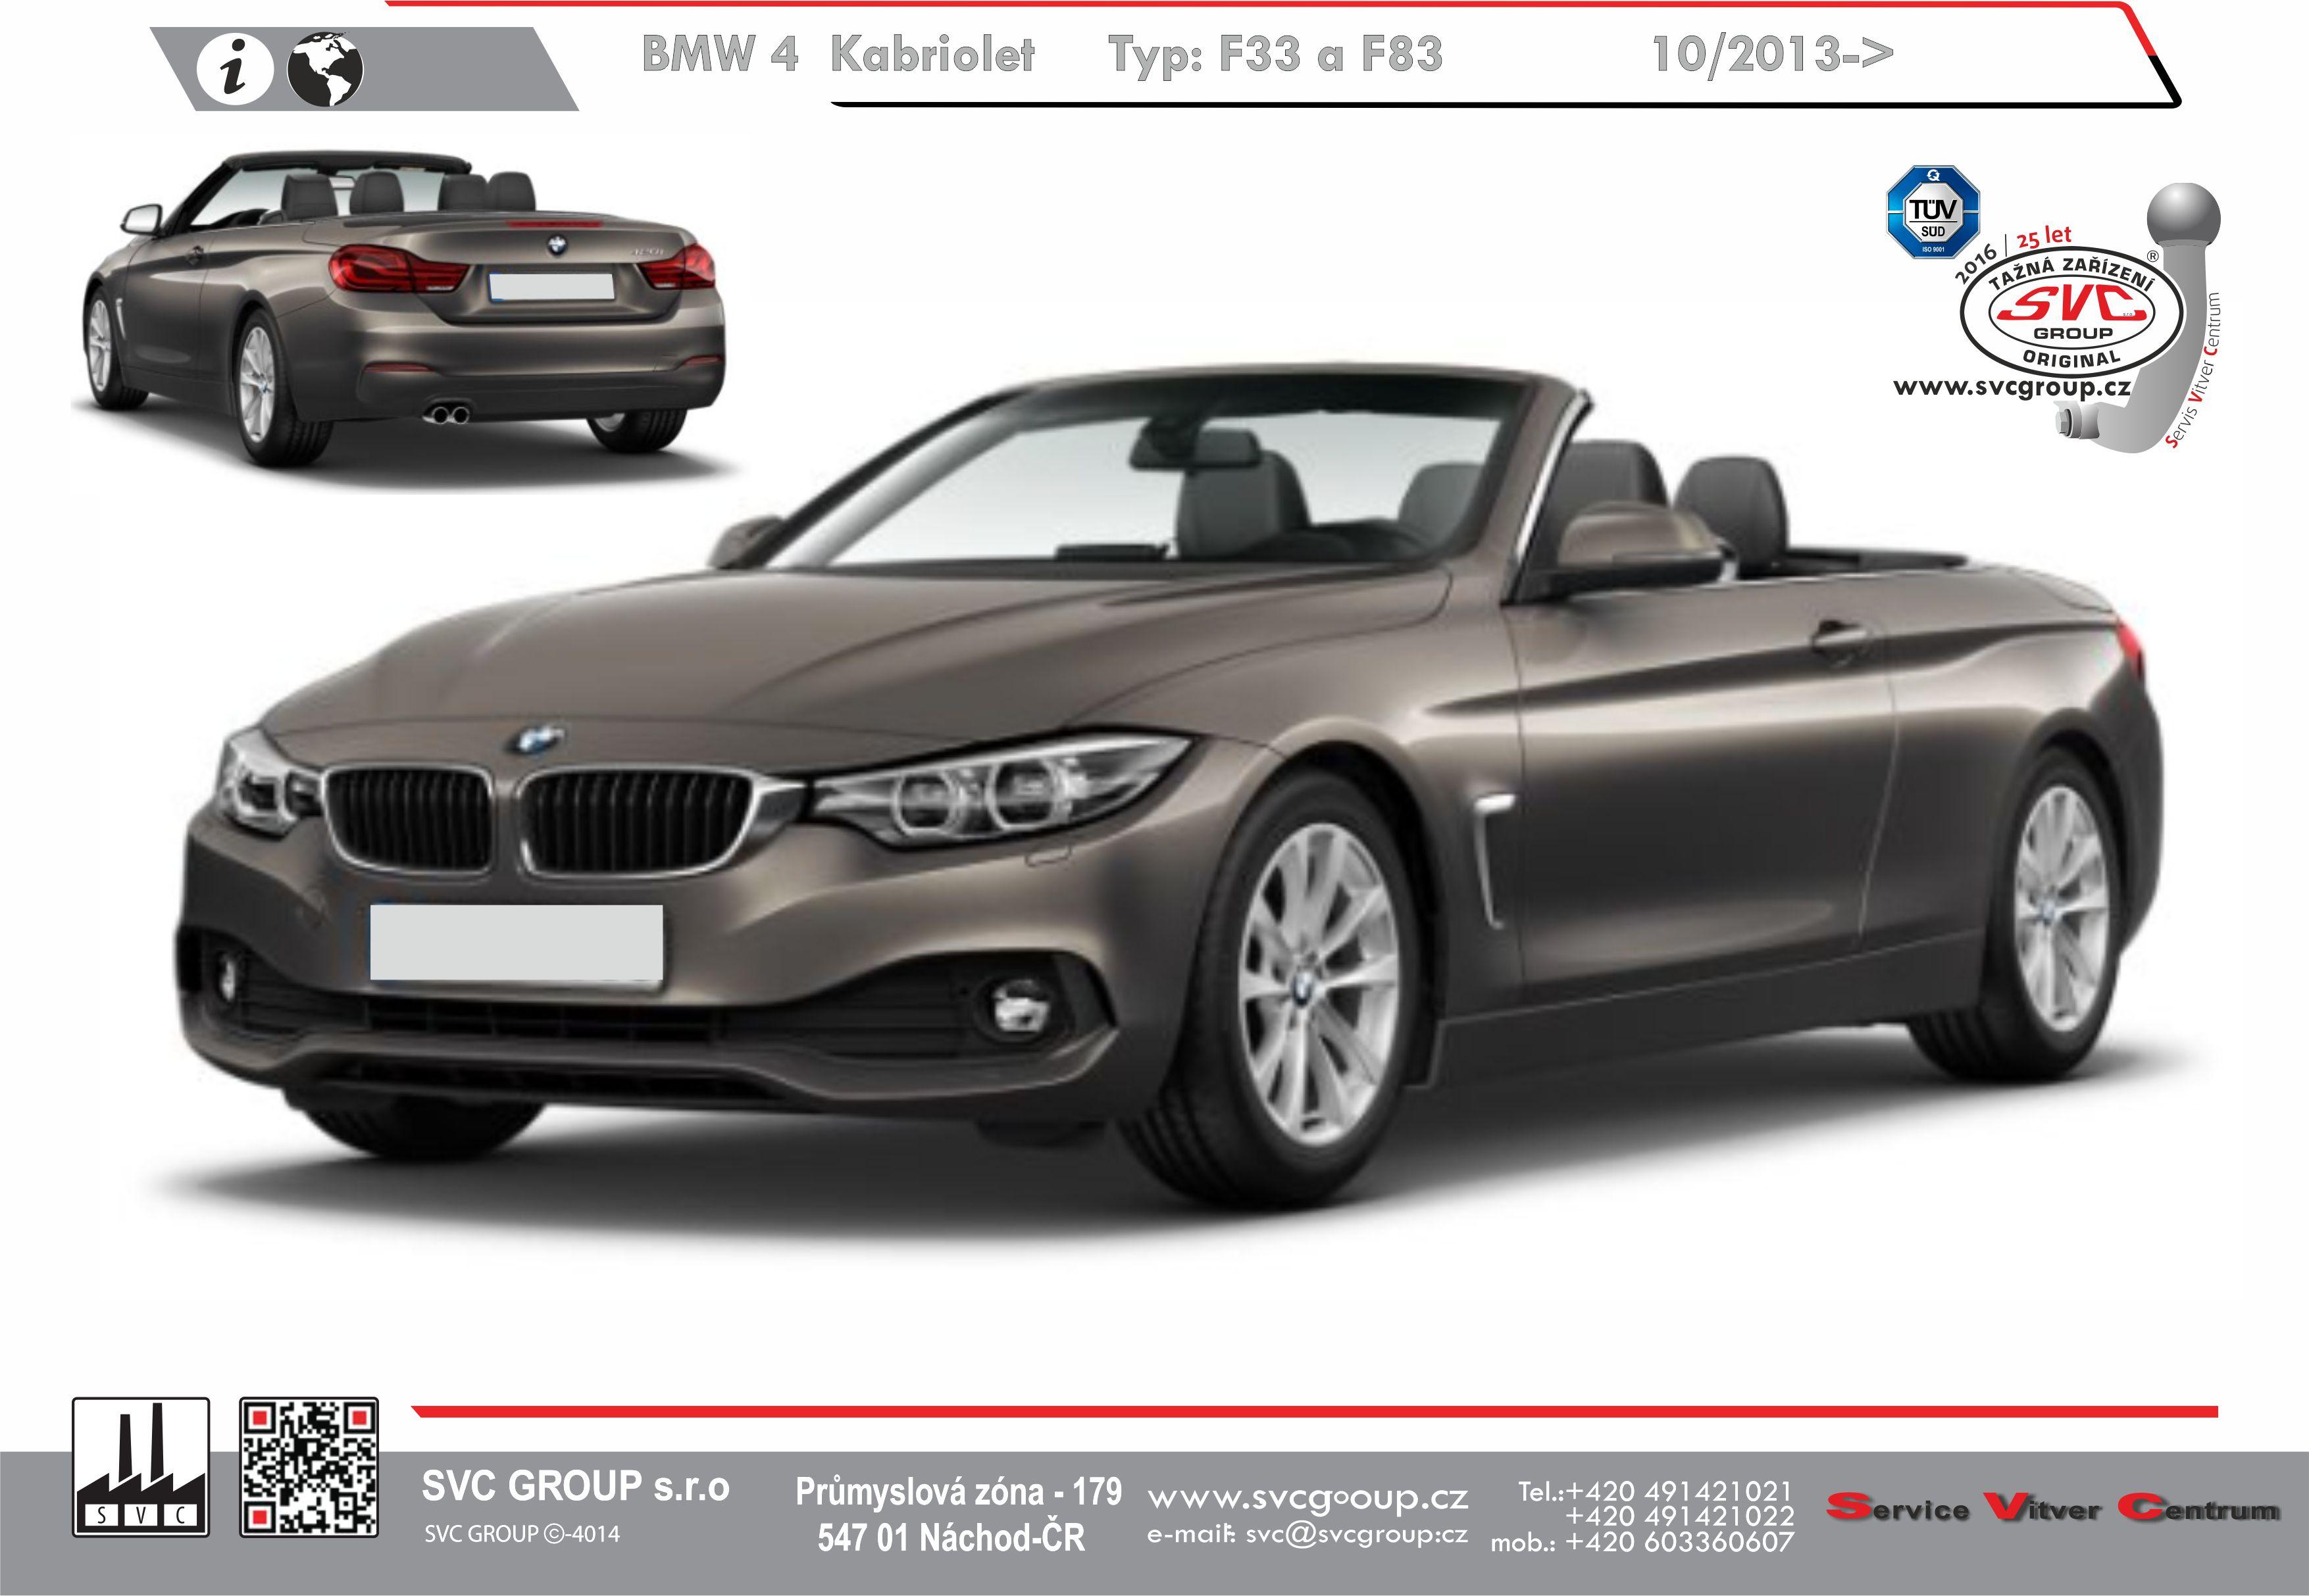 BMW 4 Série Kabriolet